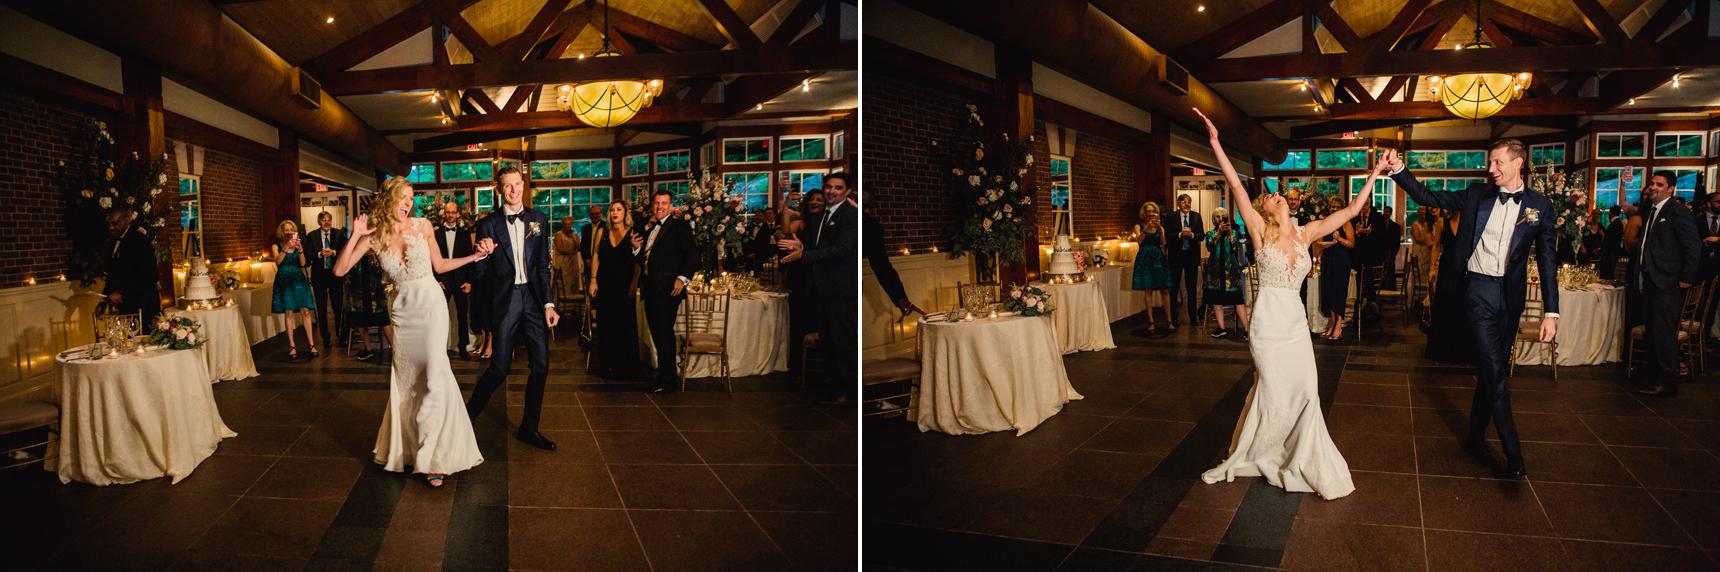 Jory_LoebBoathouse_CentralPark_NewYork_WeddingPhotographer116.jpg